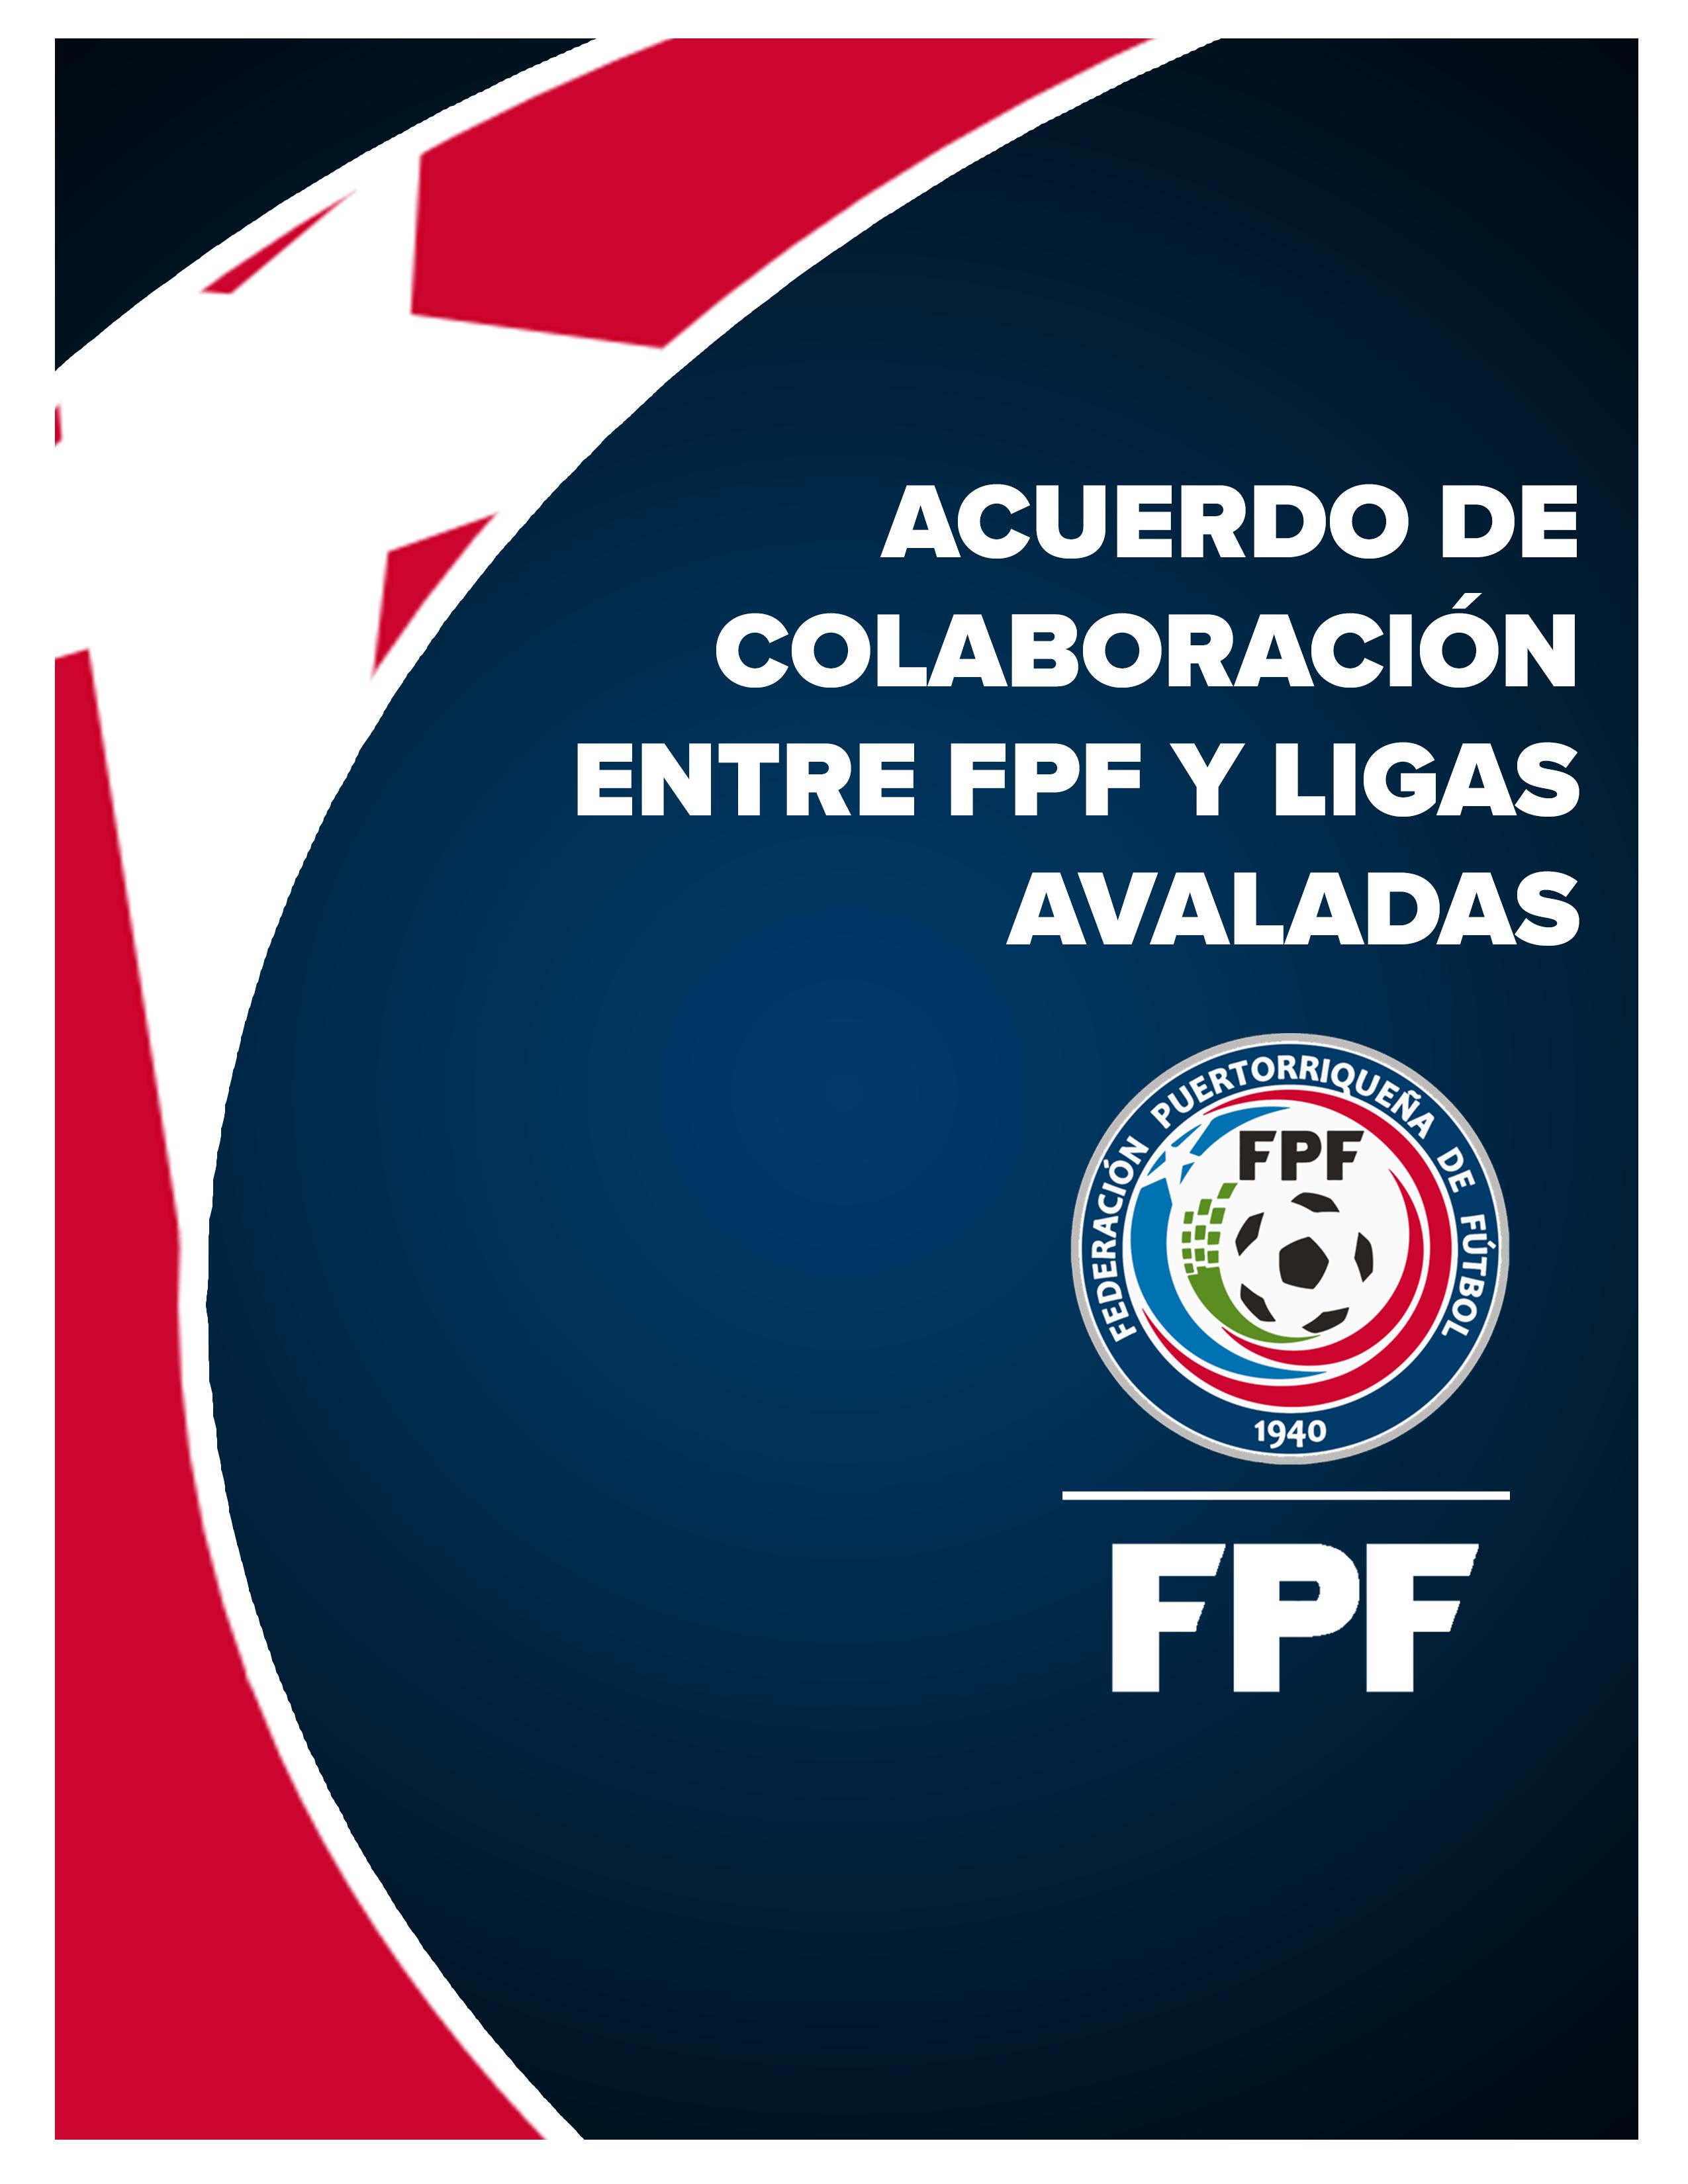 Acuerdo de Colaboración entre FPF y Ligas avaladas